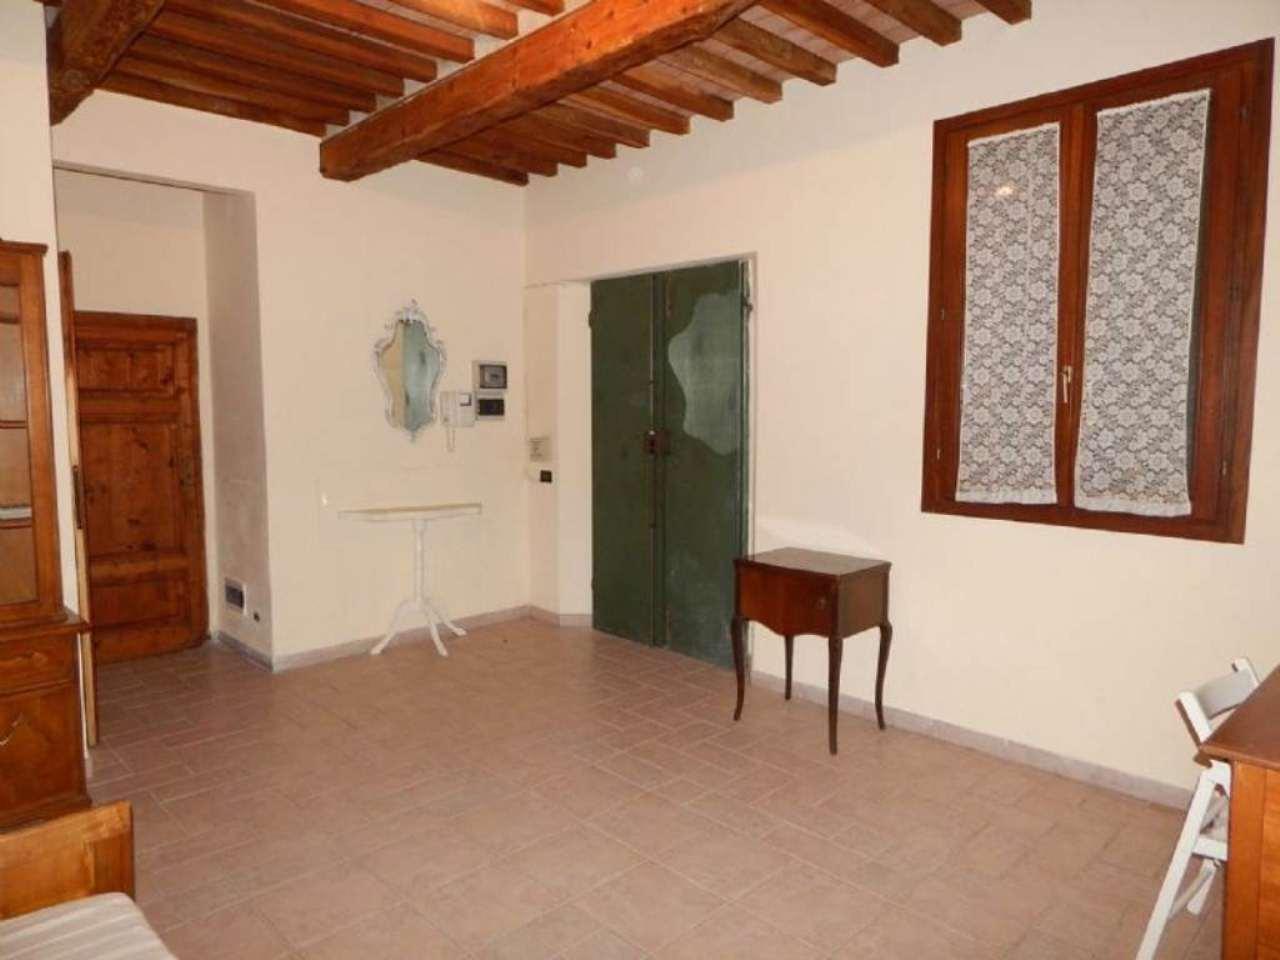 Soluzione Indipendente in affitto a Pisa, 3 locali, prezzo € 650 | Cambio Casa.it